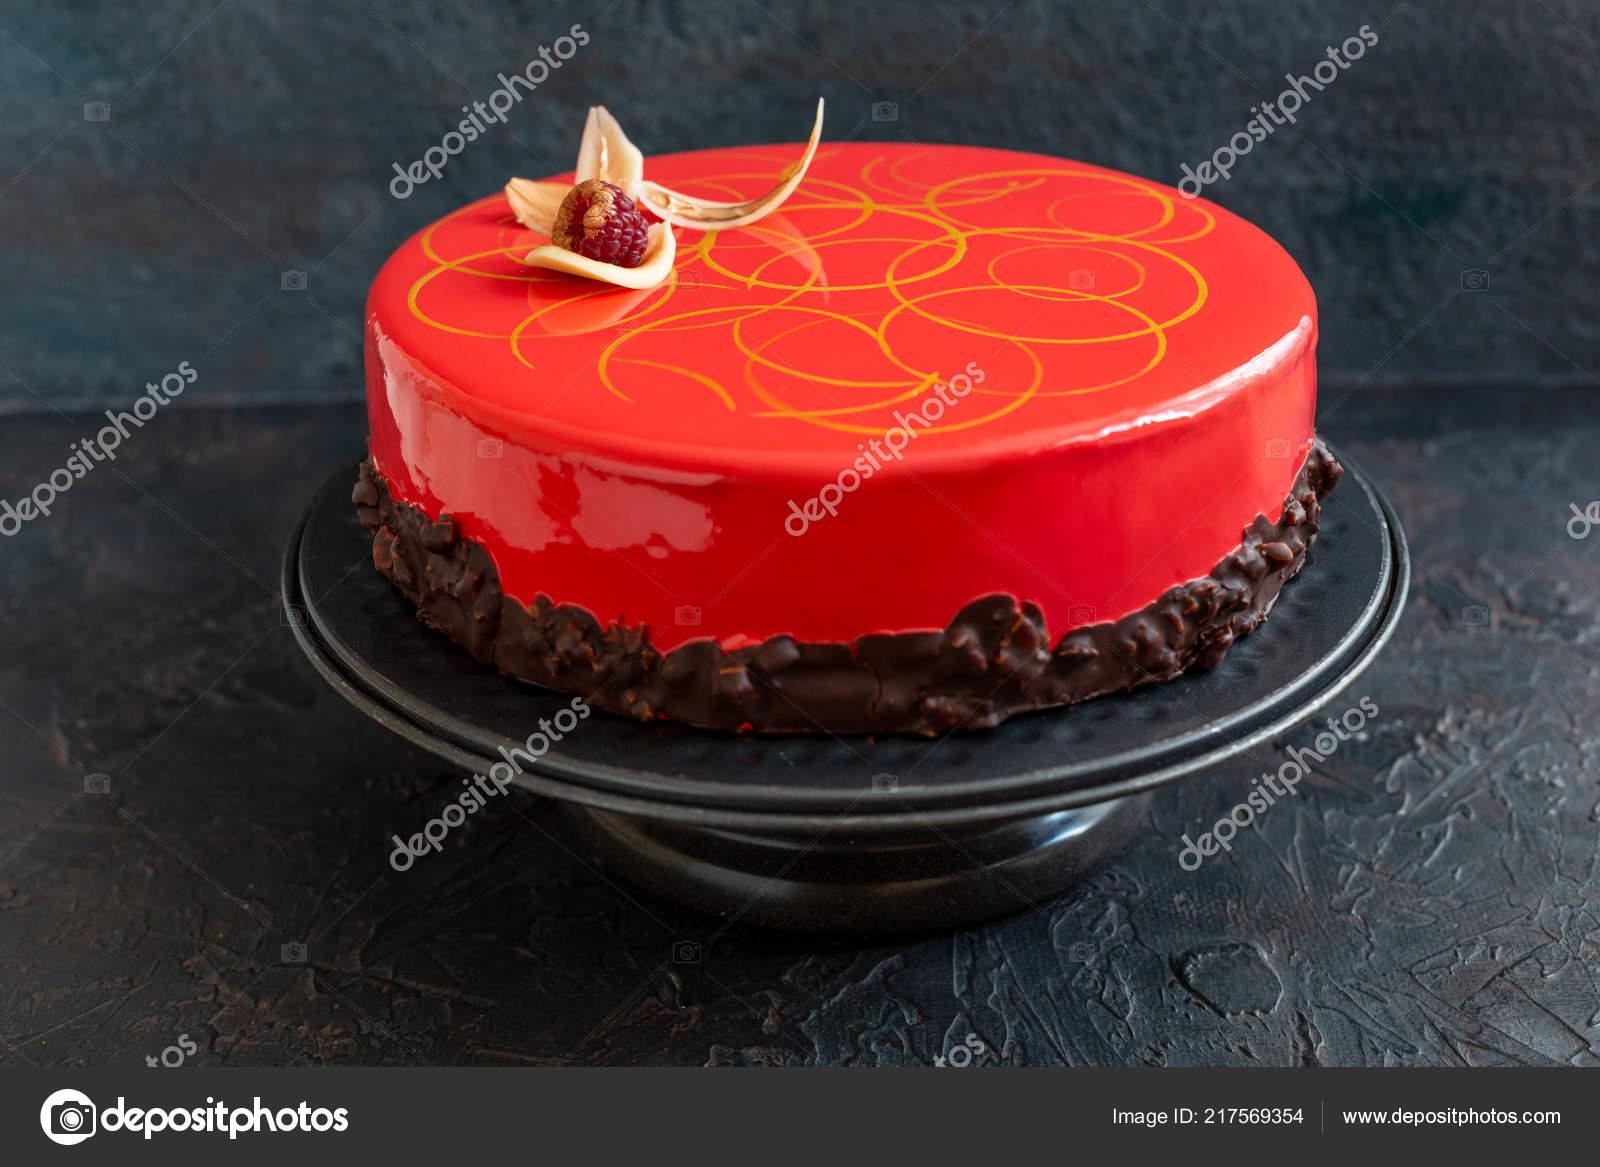 Moderne Mousse Torte Mit Roter Glasur Und Dekoration Von Weisser